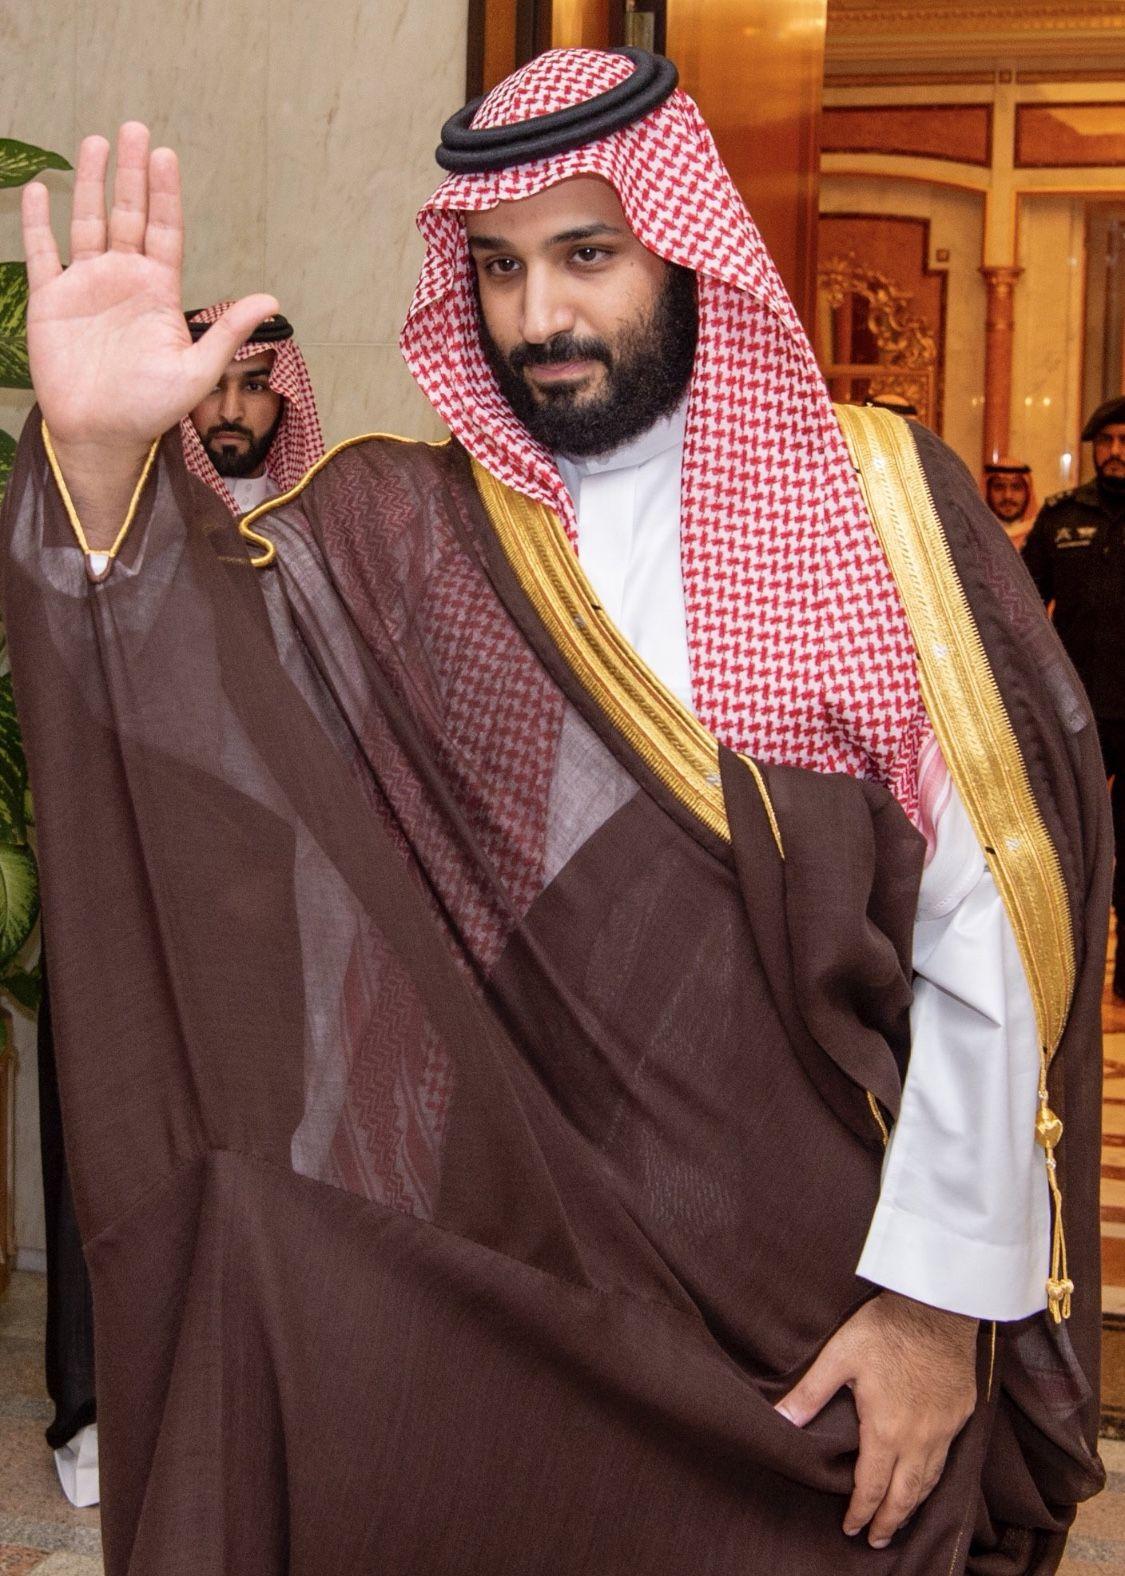 Mohammedbinsalman محمد بن سلمان ولي العهد السعوديه لن ينجو اي فاسد ال سعود بن سلمان Bin Salman Saud Queen Elizabeth Queen Elizabeth Ii Prince Mohammed